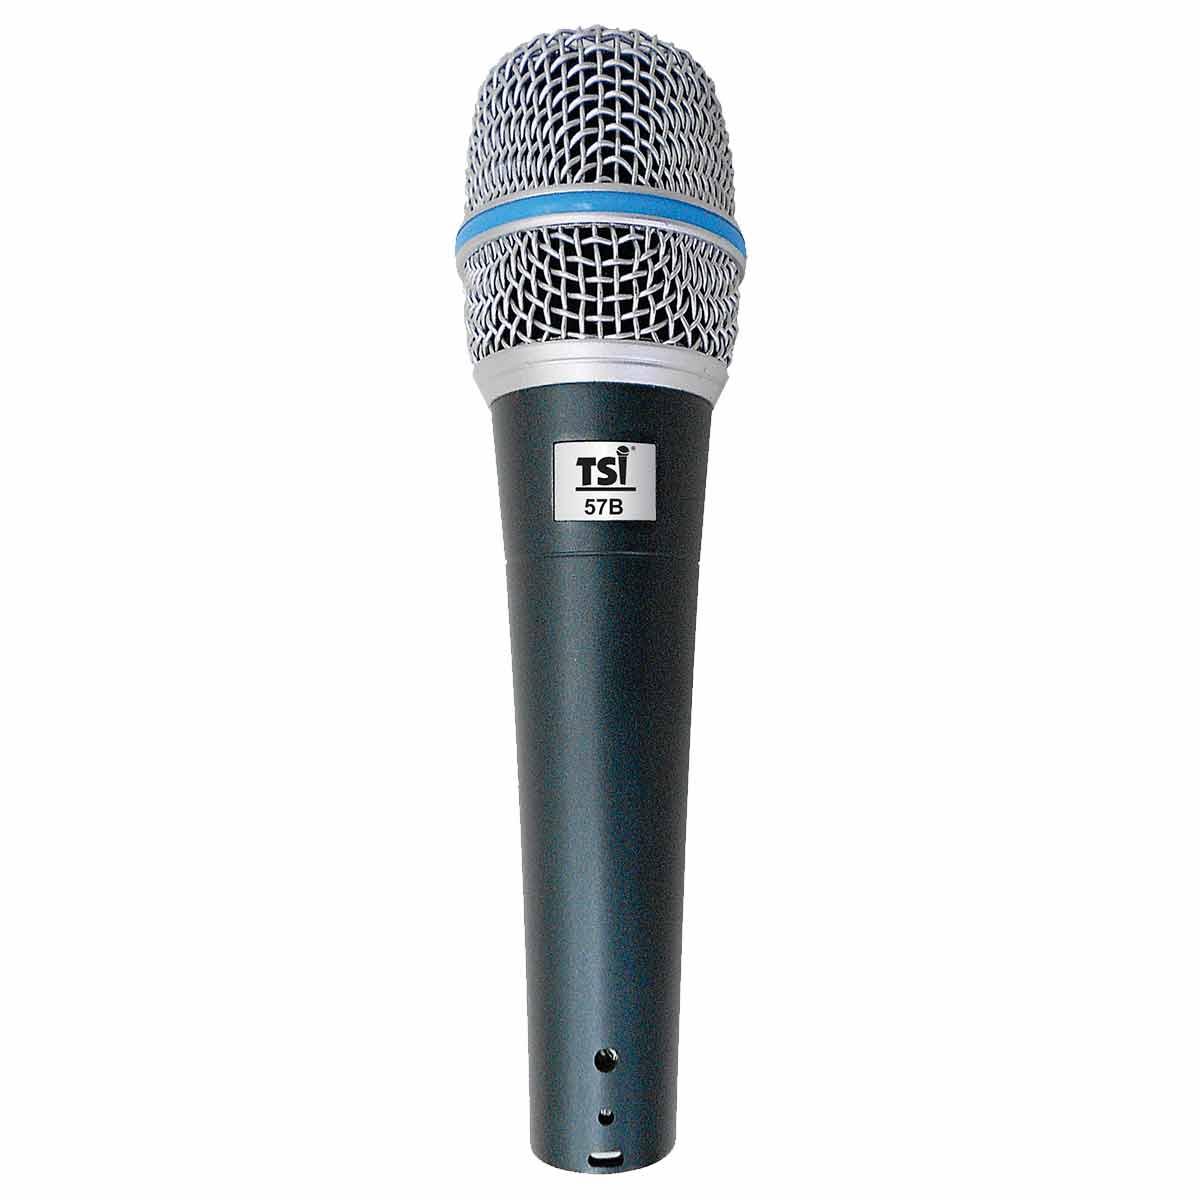 Microfone c/ Fio de Mão Dinâmico - 57 B TSI